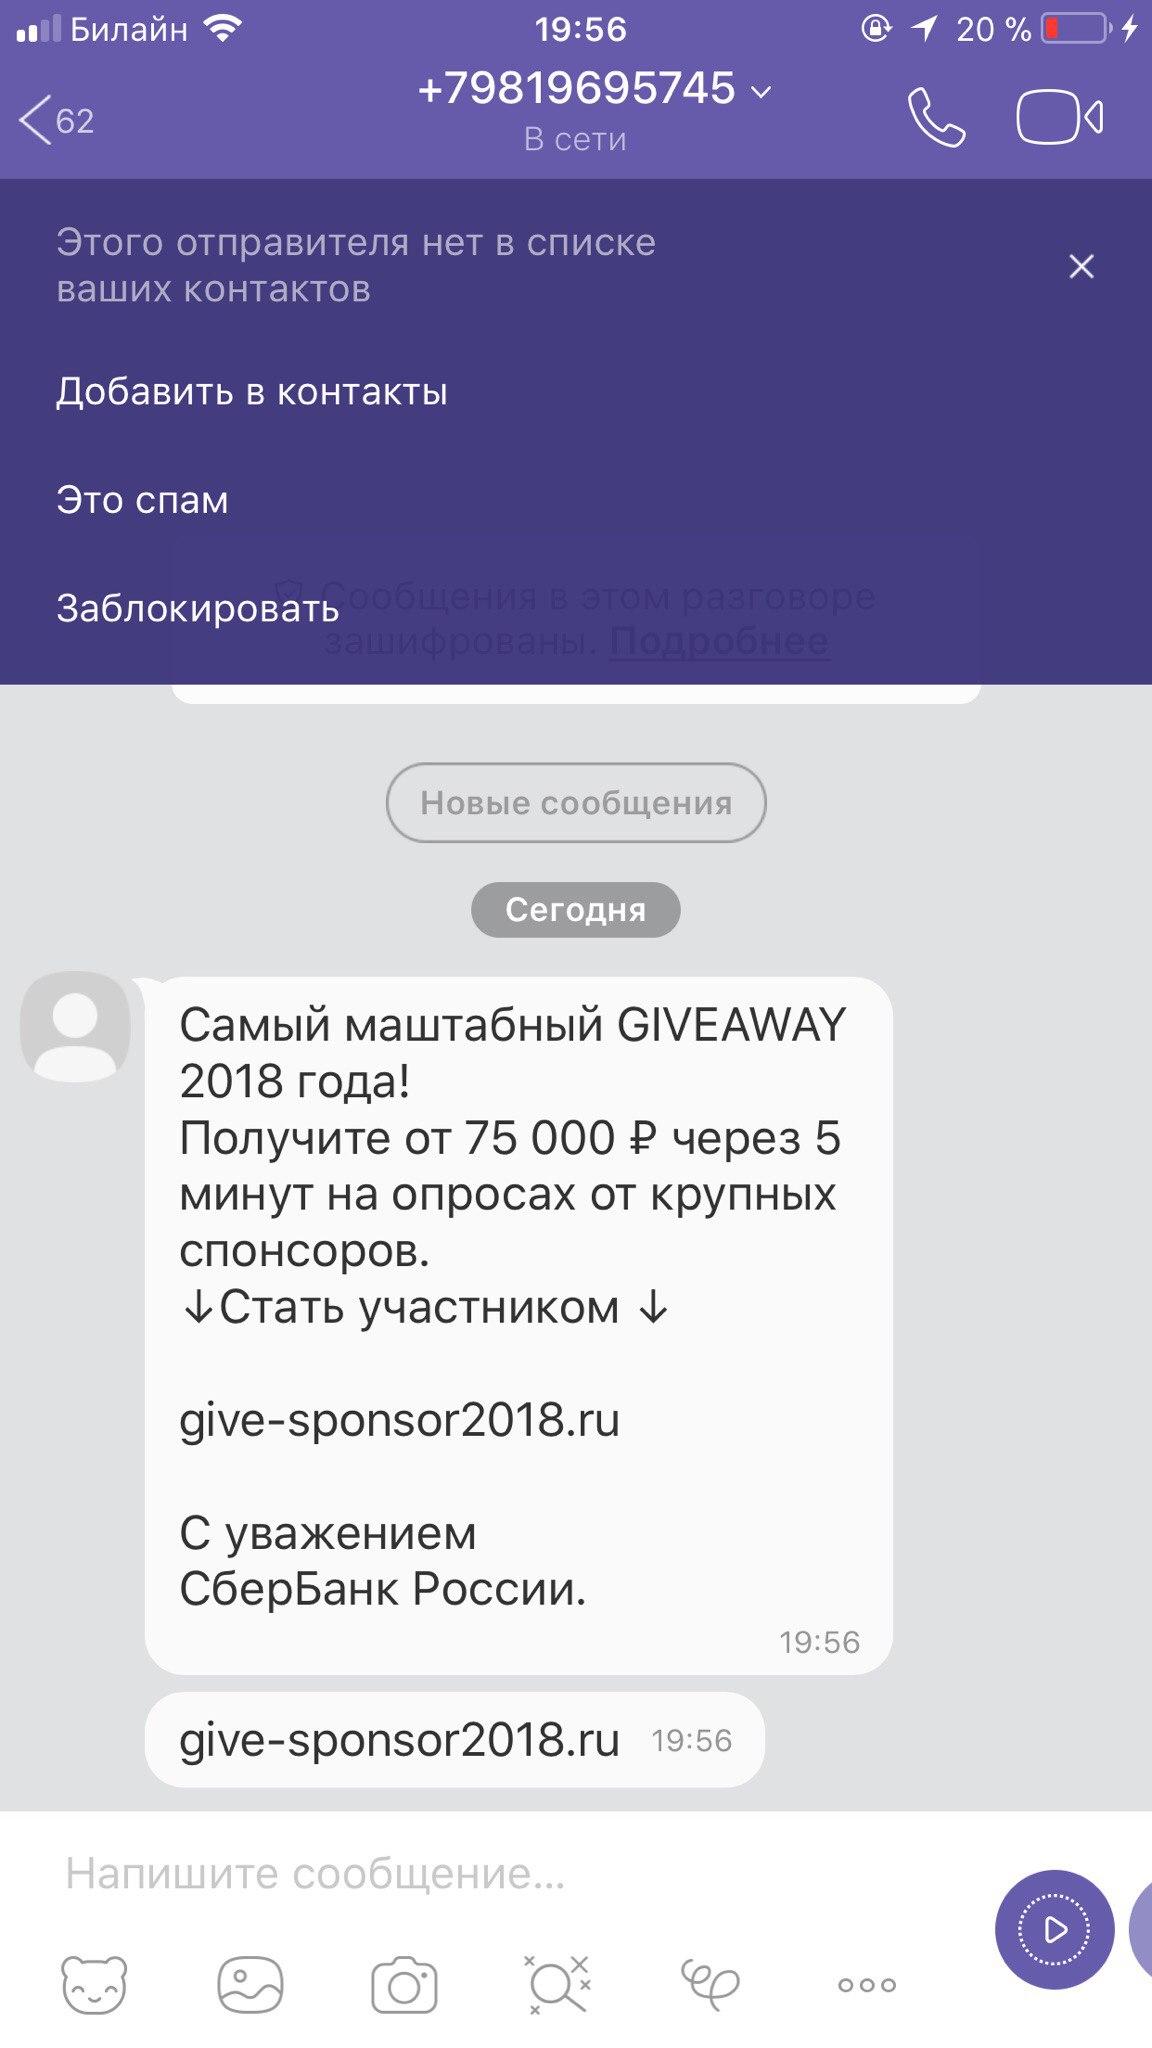 Злоумышленники под видом Сбербанка приглашают принять участие в конкурсе в Viber